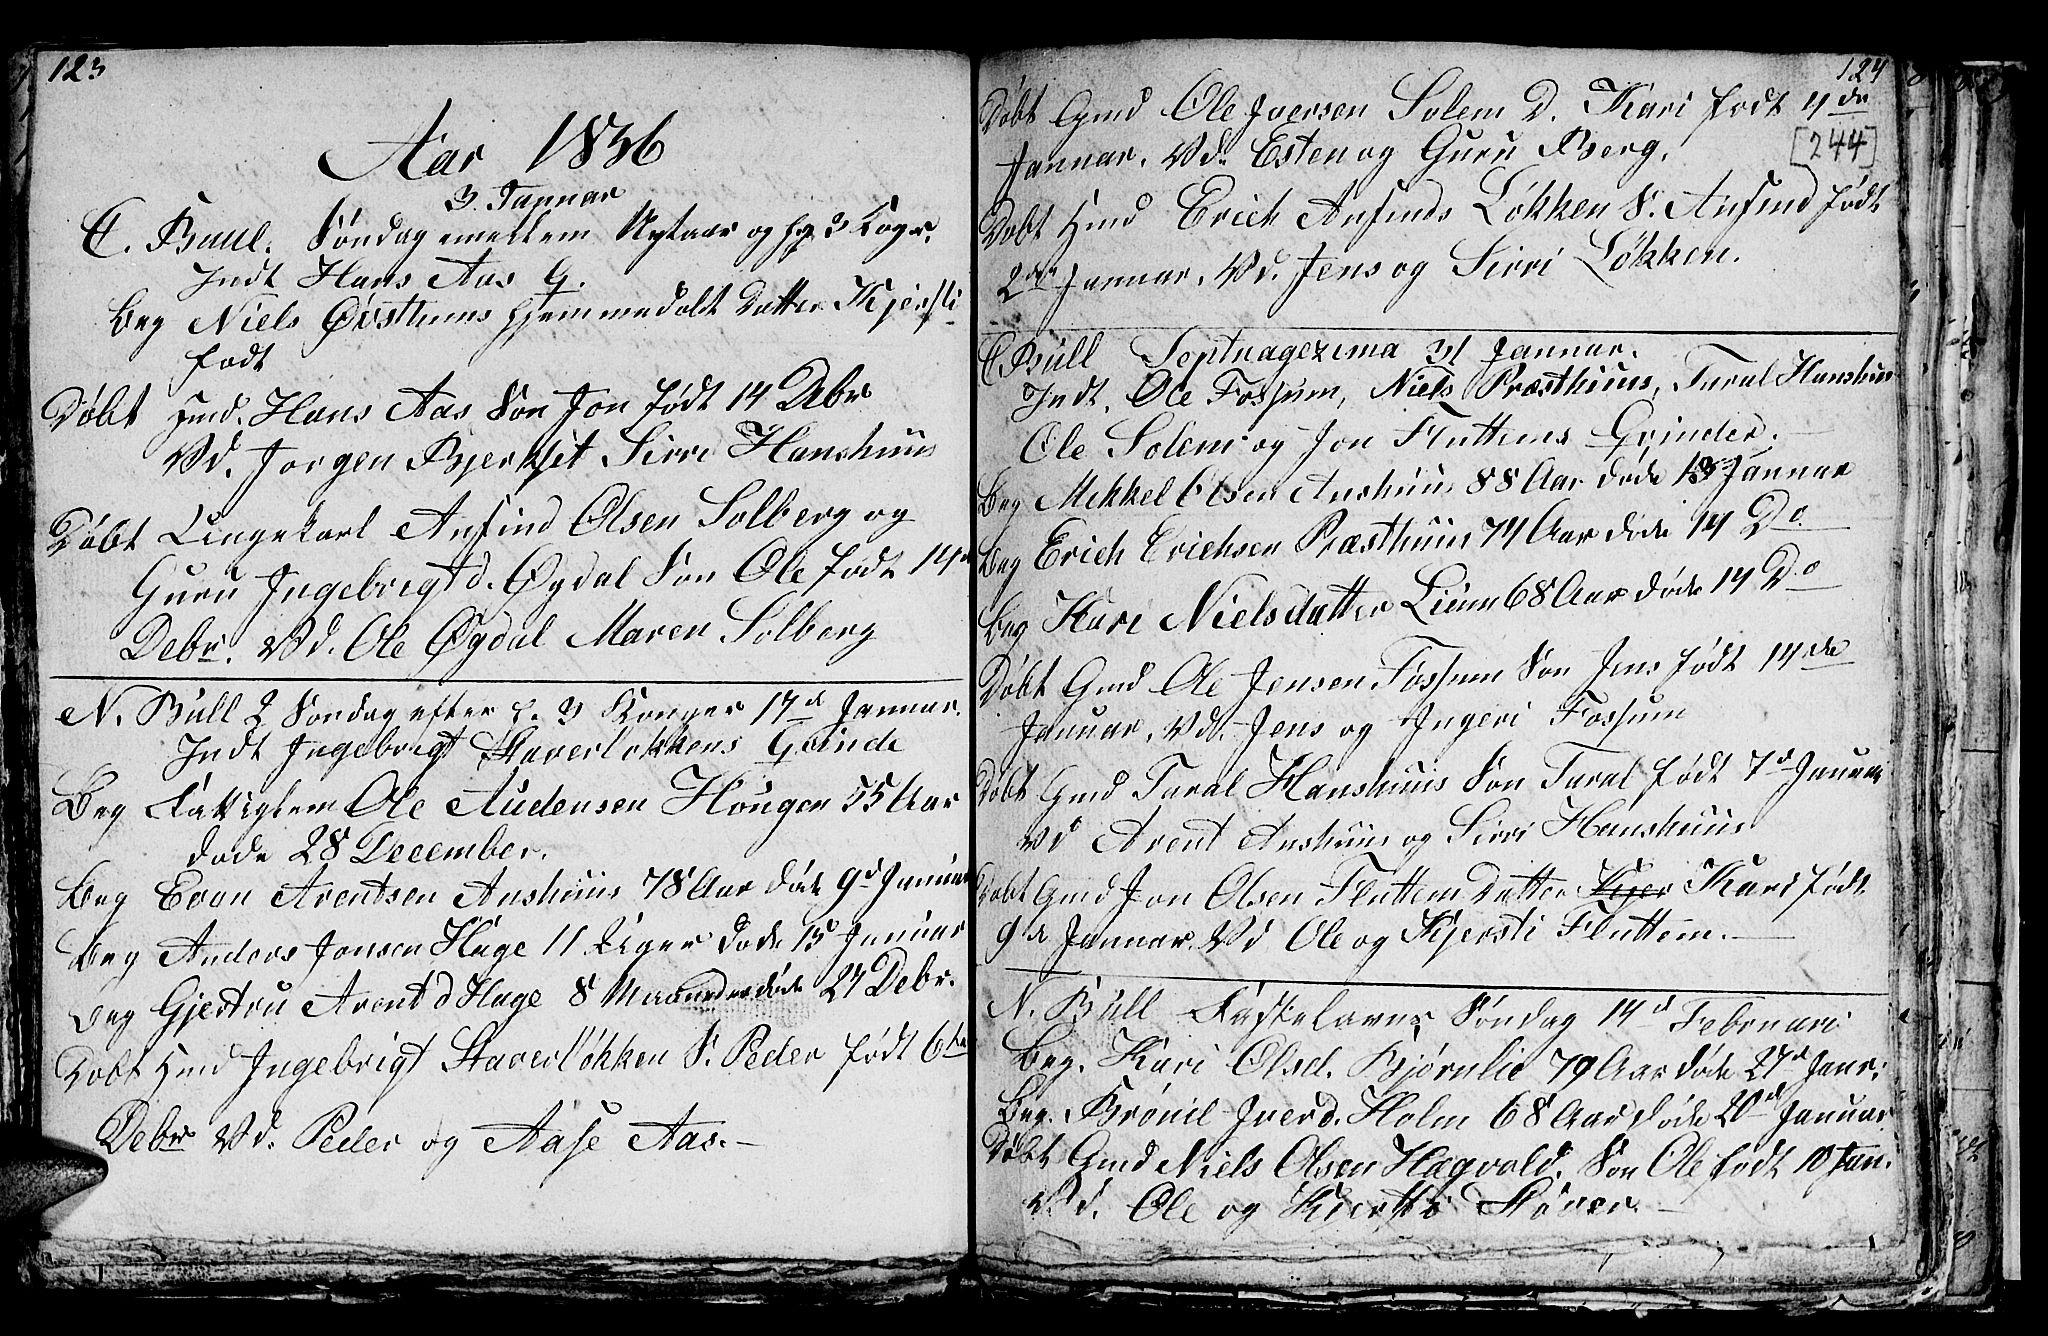 SAT, Ministerialprotokoller, klokkerbøker og fødselsregistre - Sør-Trøndelag, 689/L1042: Klokkerbok nr. 689C01, 1812-1841, s. 243-244